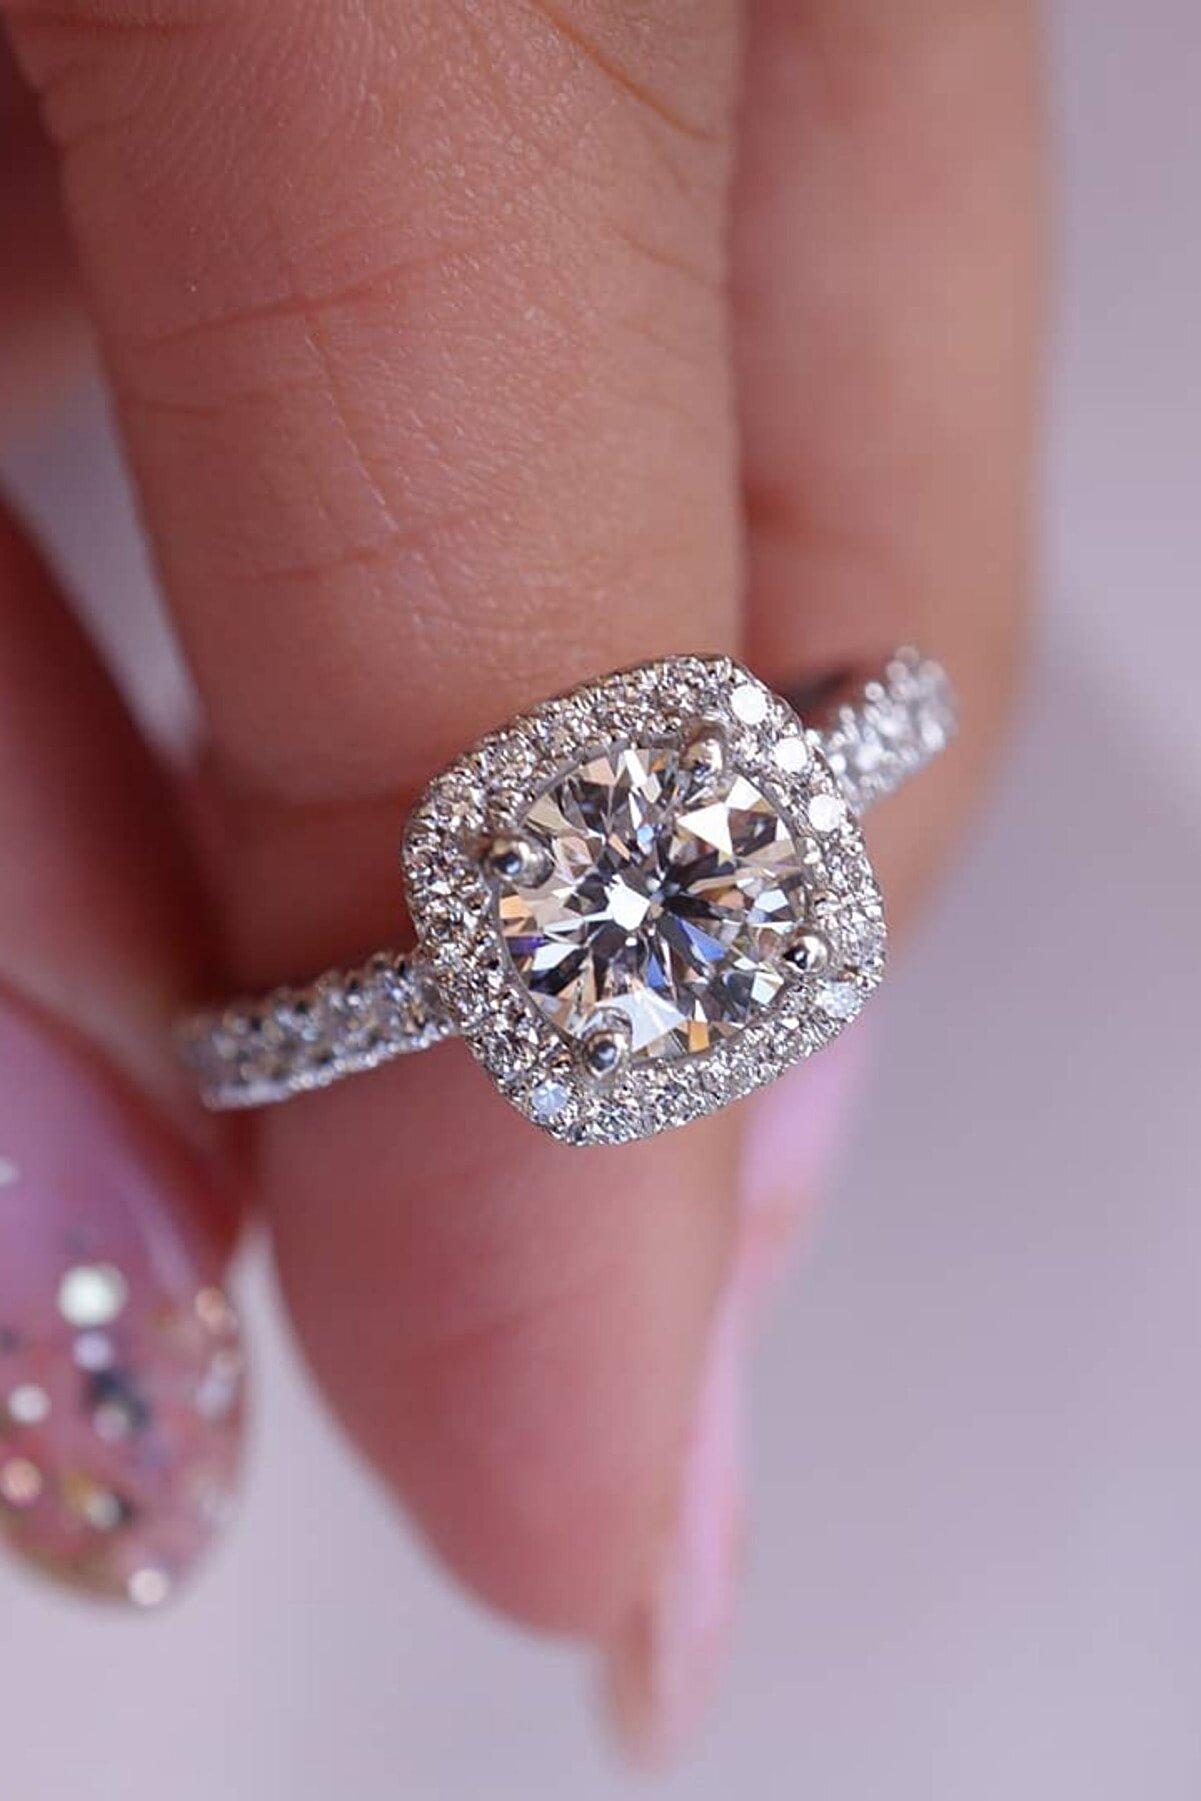 Crystal Diamond Zirconia Labaratuvar Pırlantası 1.01 Carat Tektaş Yüzük  7asfdtek10111